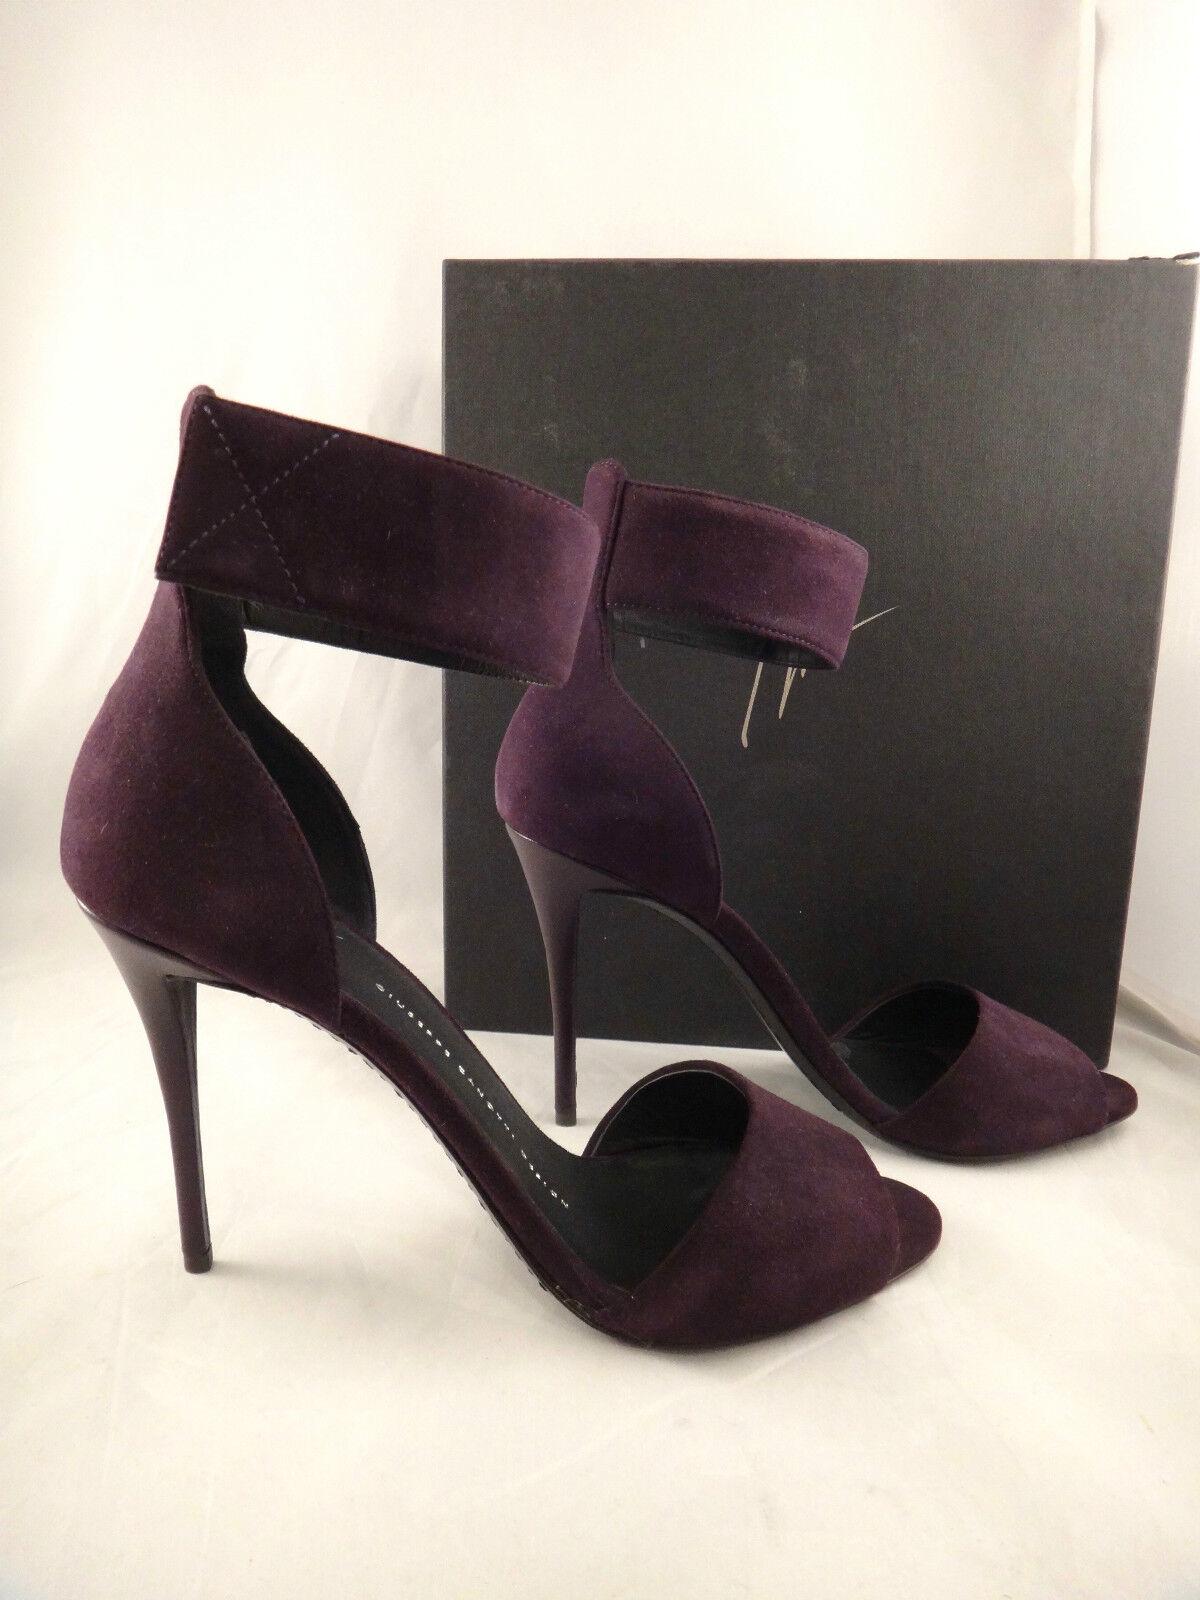 Nuevo En Caja Giuseppe Zanotti Coline Coline Coline 100 púrpura Gamuza y Correa en el tobillo Tacones Zapatos De Salón 40  815  hasta 42% de descuento